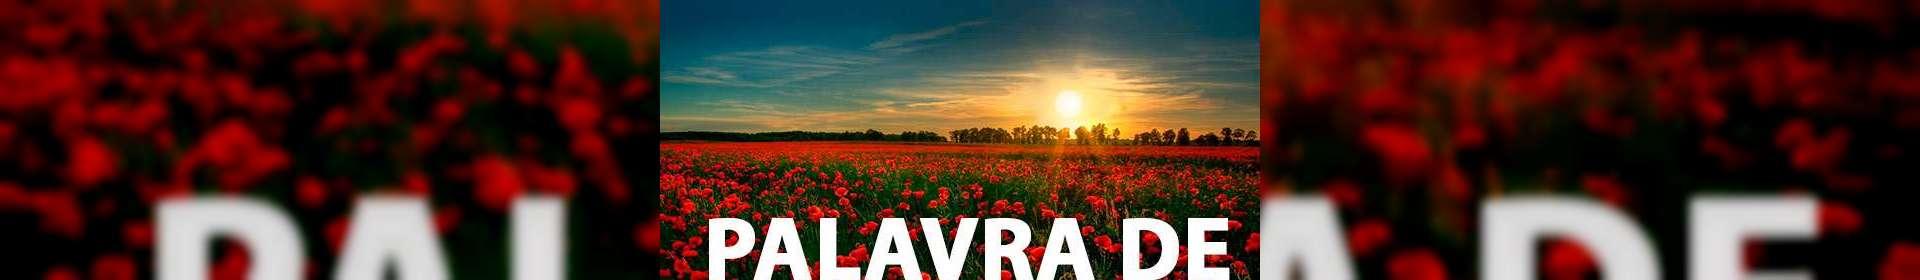 Salmos 25:8 - Uma Palavra de Esperança para sua vida